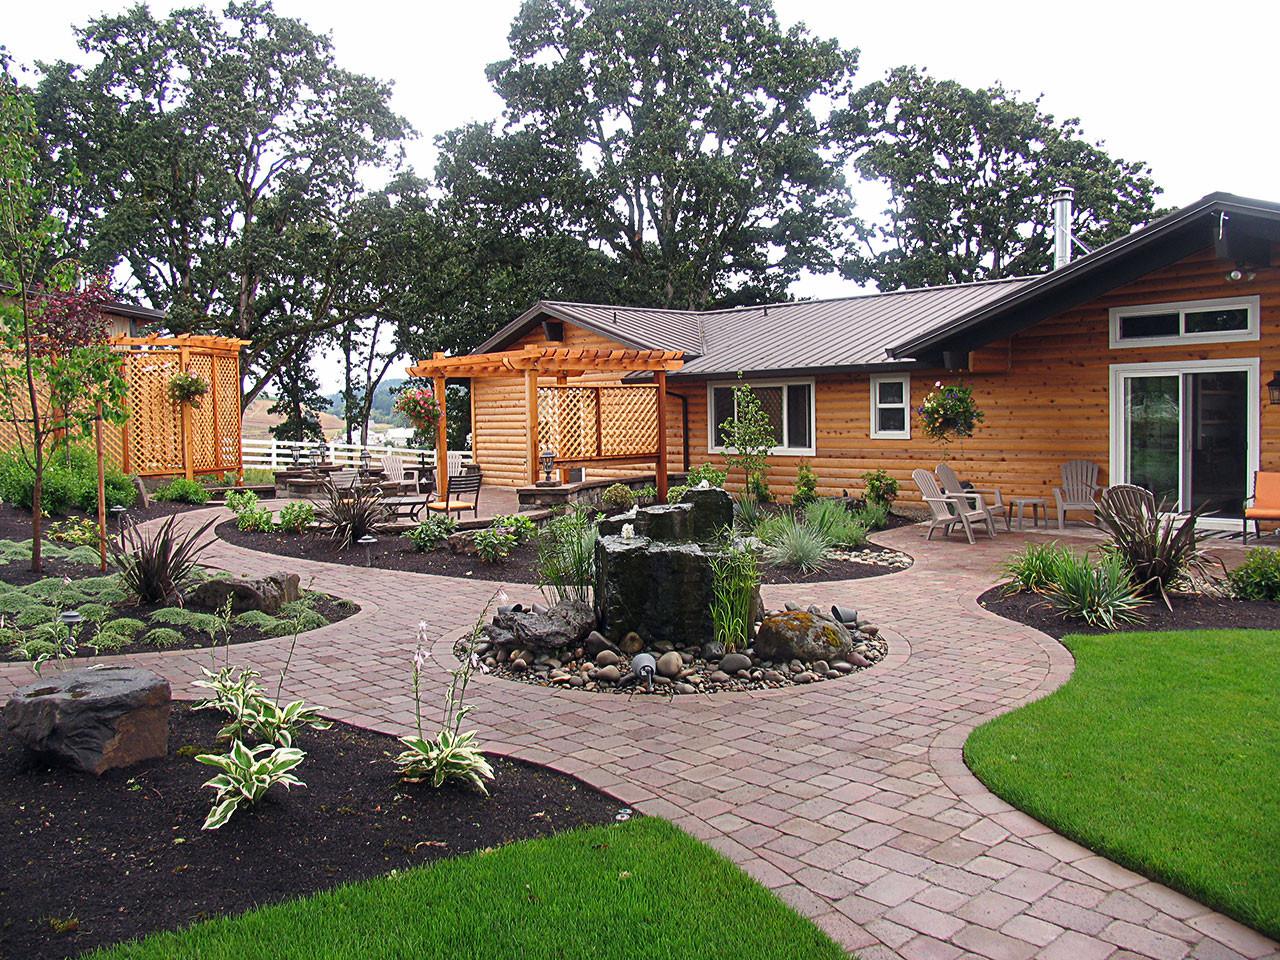 Residential Landscape Design  Landscape Design and Installation